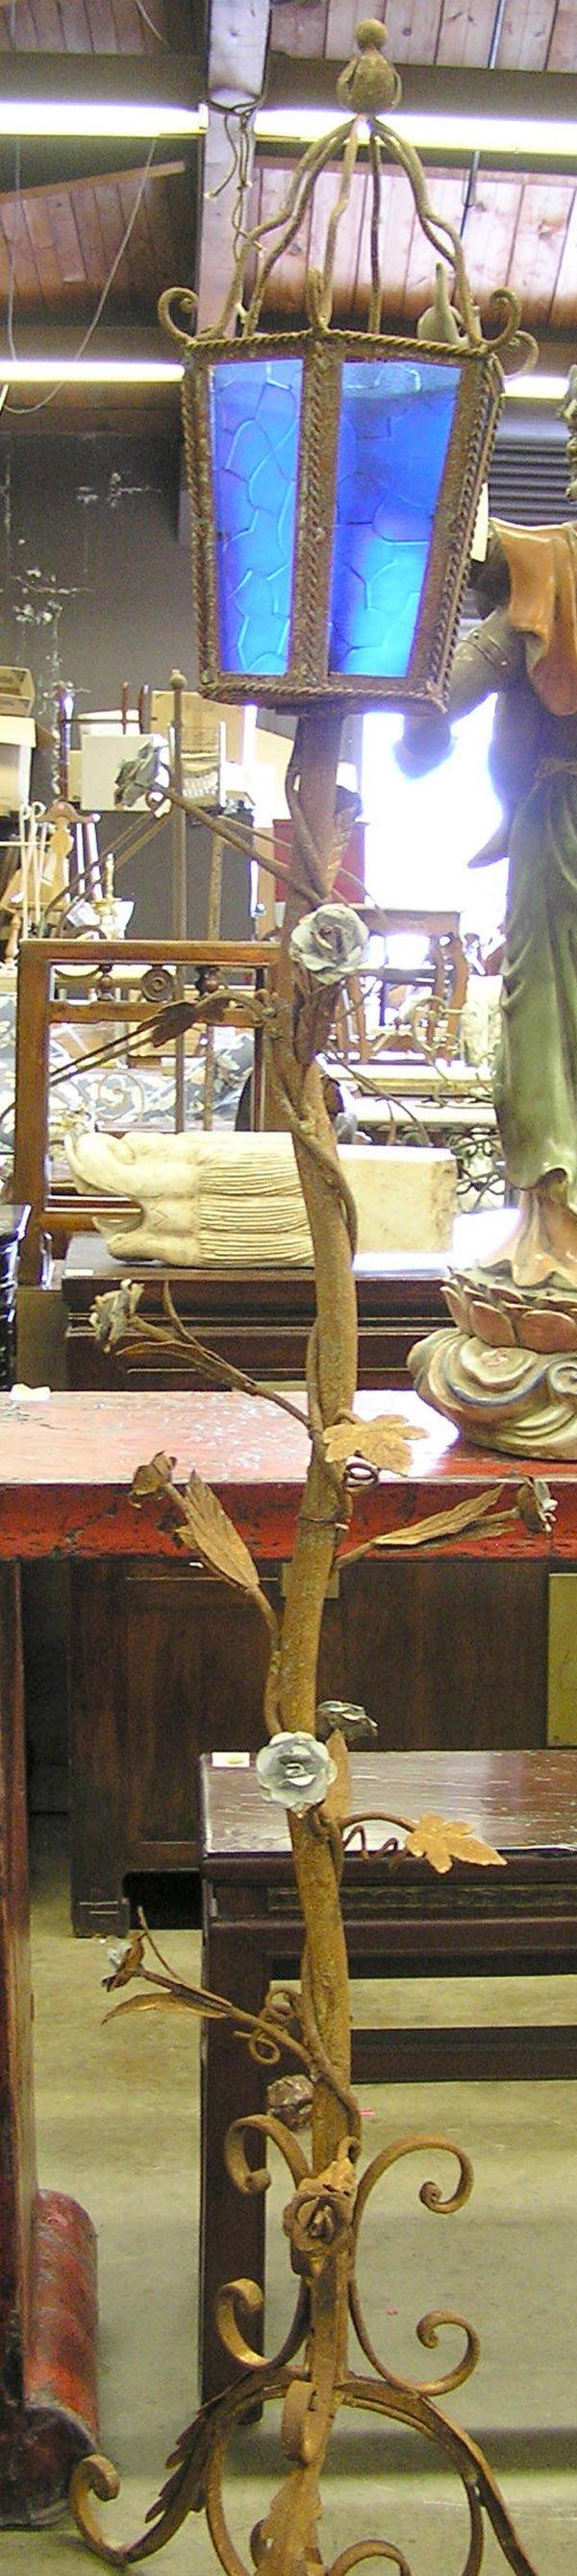 4244: Italian style wrought iron lanterns